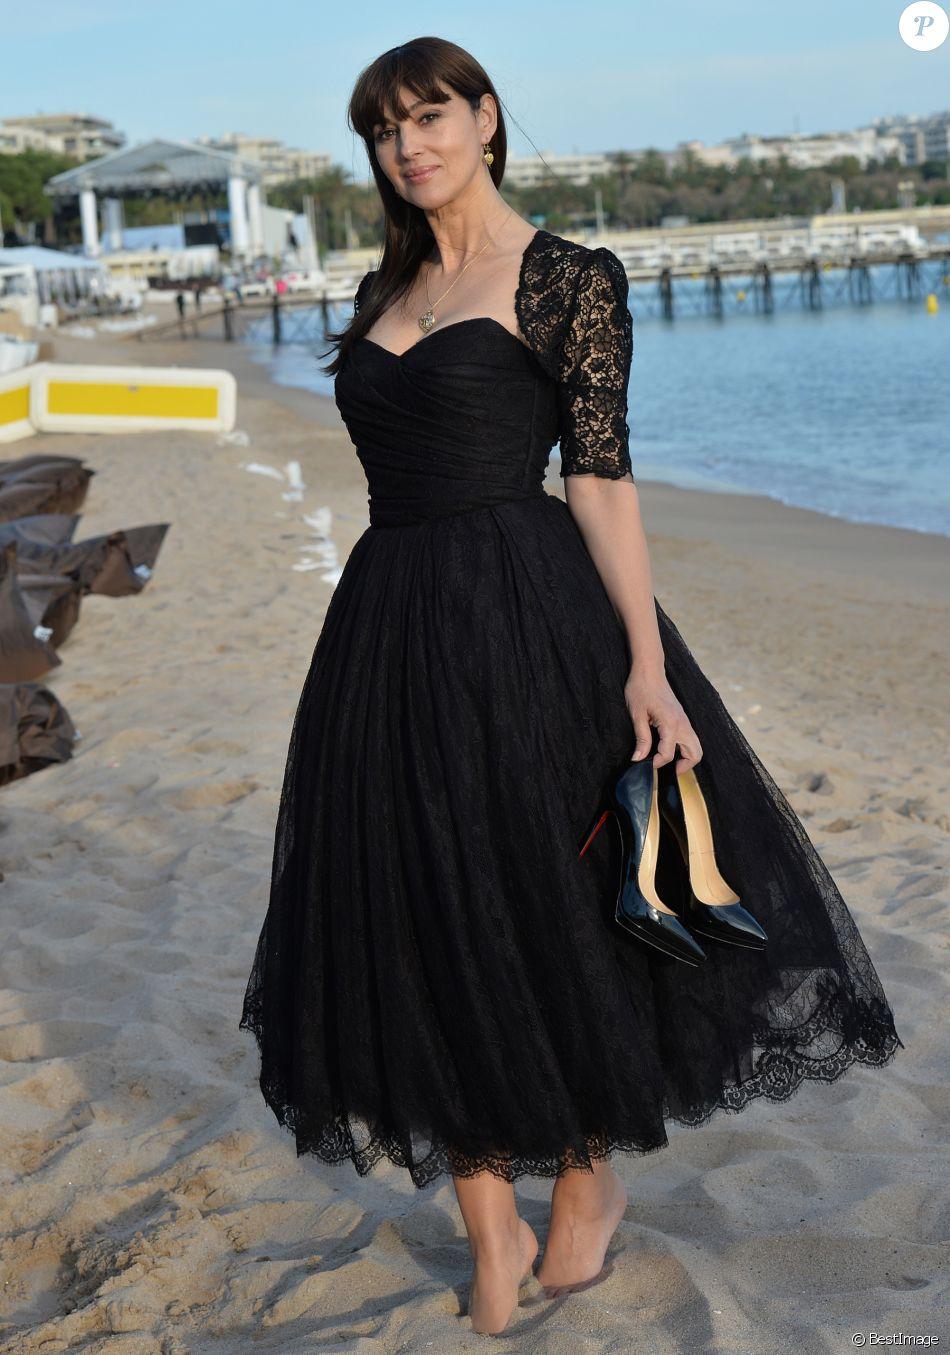 Exclusif - Prix spécial - Rencontre avec Monica Bellucci sur la plage Magnum à l'occasion du 67ème festival de Cannes à à Cannes le 18 mai 2014.